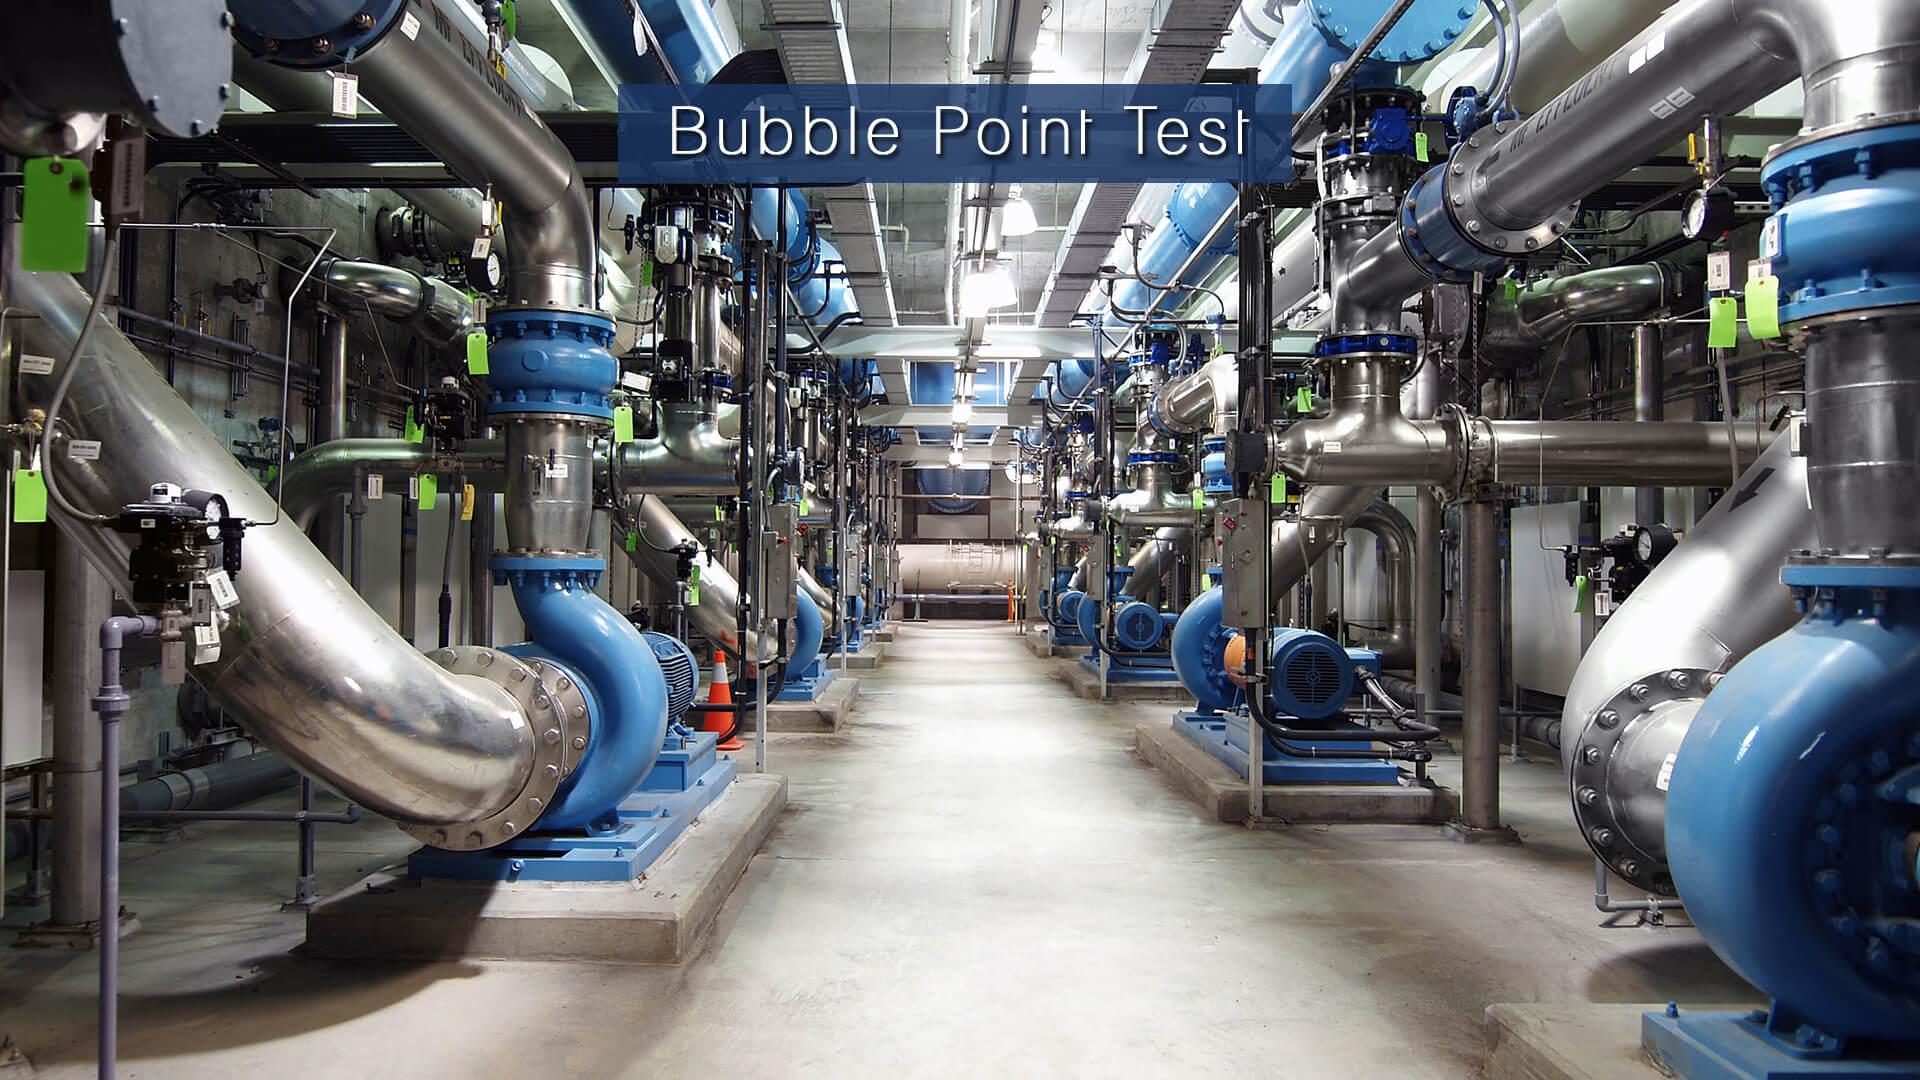 Bubble Point Test